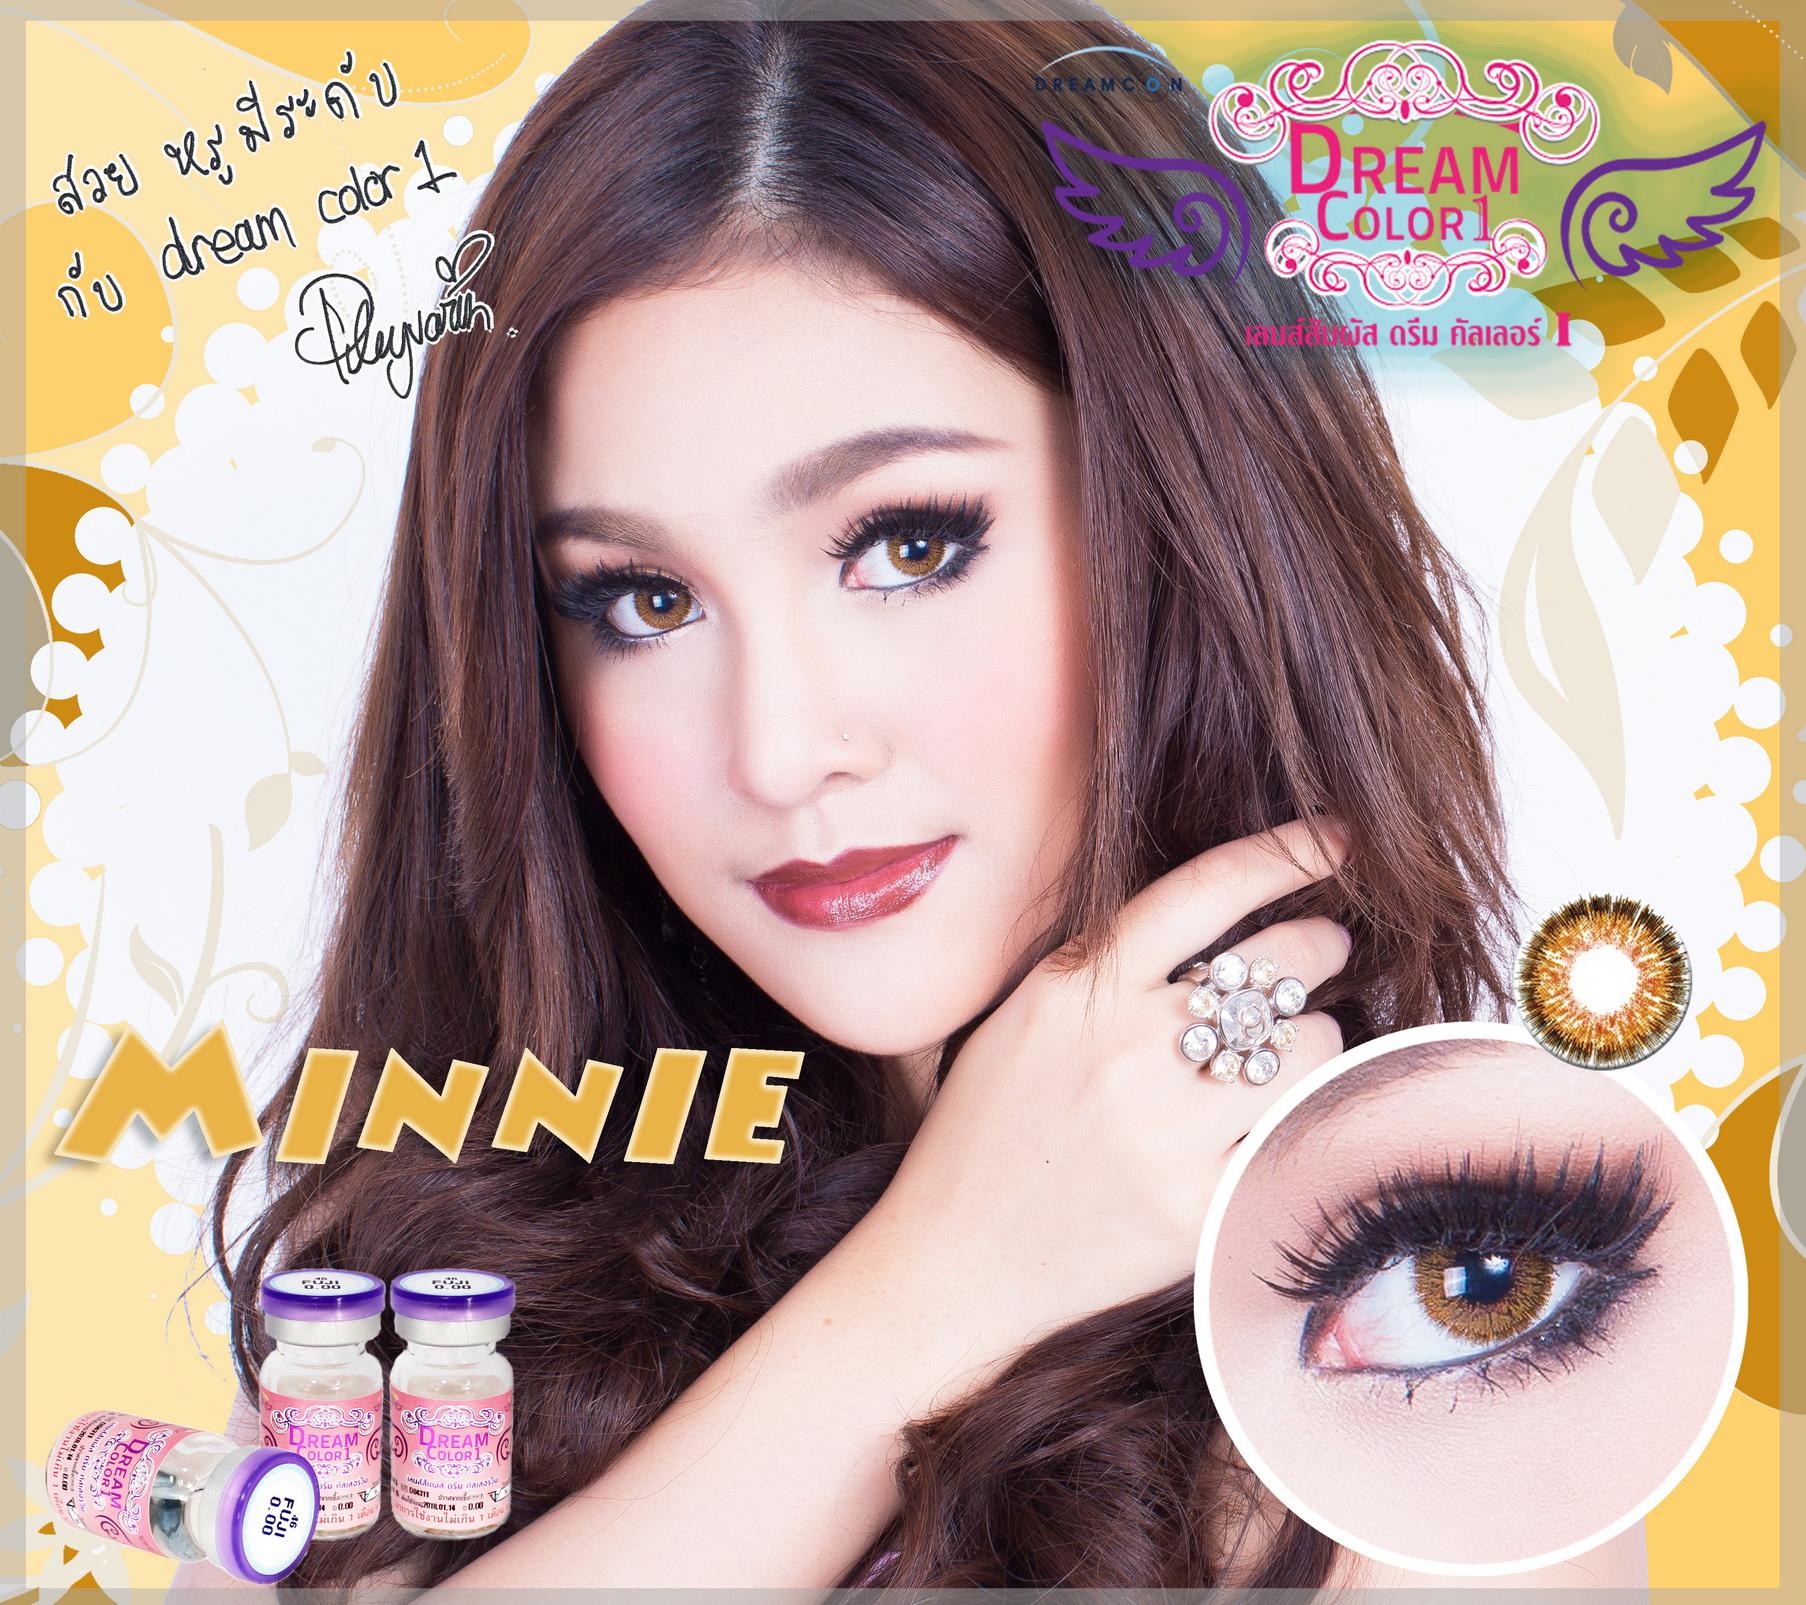 Minnie Brown Dreamcolor1 คอนแทคเลนส์ ขายส่งคอนแทคเลนส์ Bigeyeเกาหลี ขายส่งตลับคอนแทคเลนส์ ขายส่งน้ำยาล้างคอนแทคเลนส์